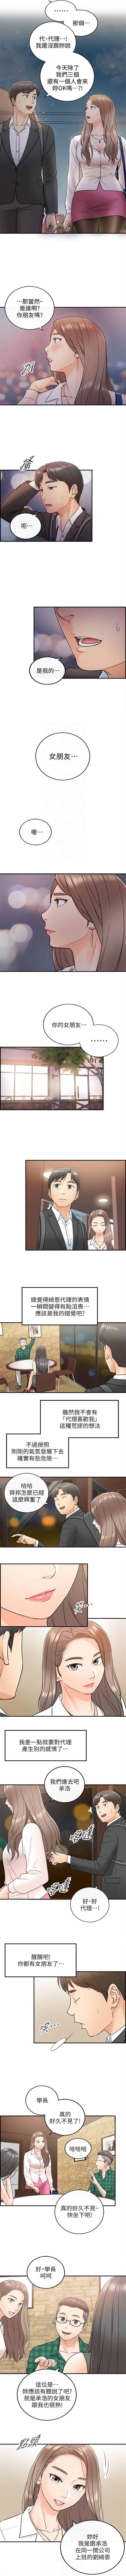 (週5)正妹小主管 1-39 中文翻譯(更新中) 79